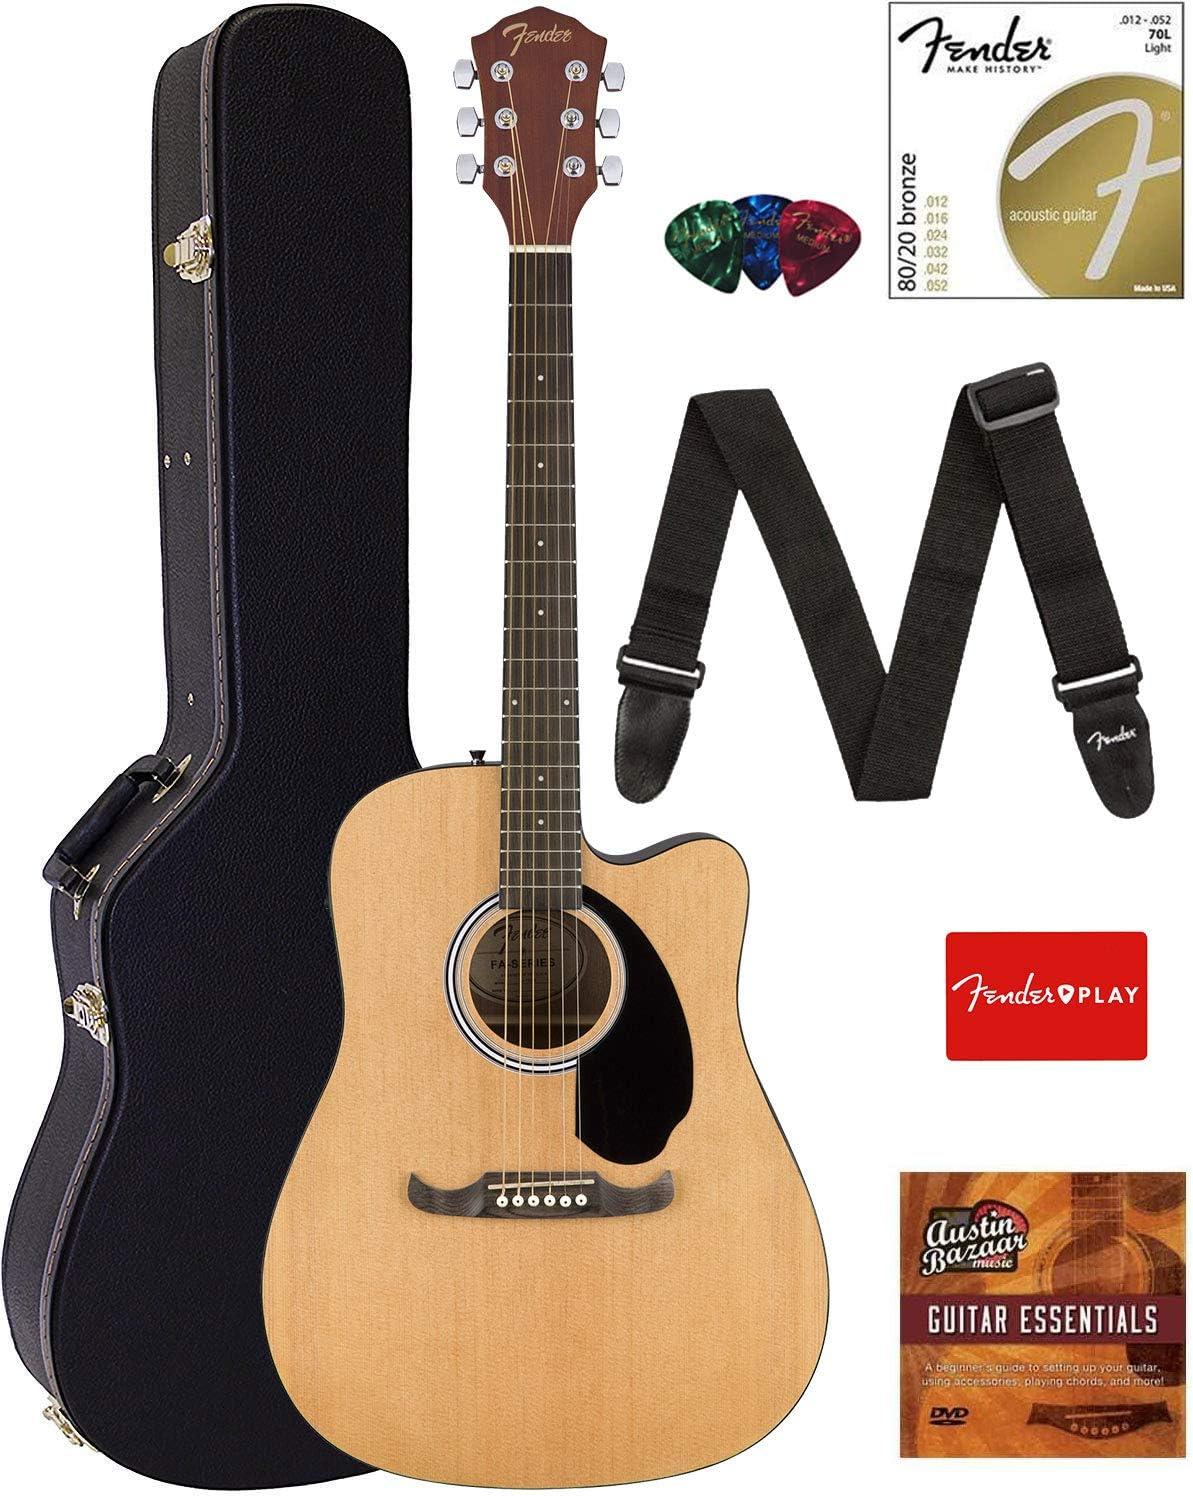 Fender FA-125CE Dreadnought Cutaway Guitarra acústica eléctrica con estuche duro, correa, cuerdas, púas, Fender Play Online Lessons, y Austin Bazaar DVD instructivo: Amazon.es: Instrumentos musicales